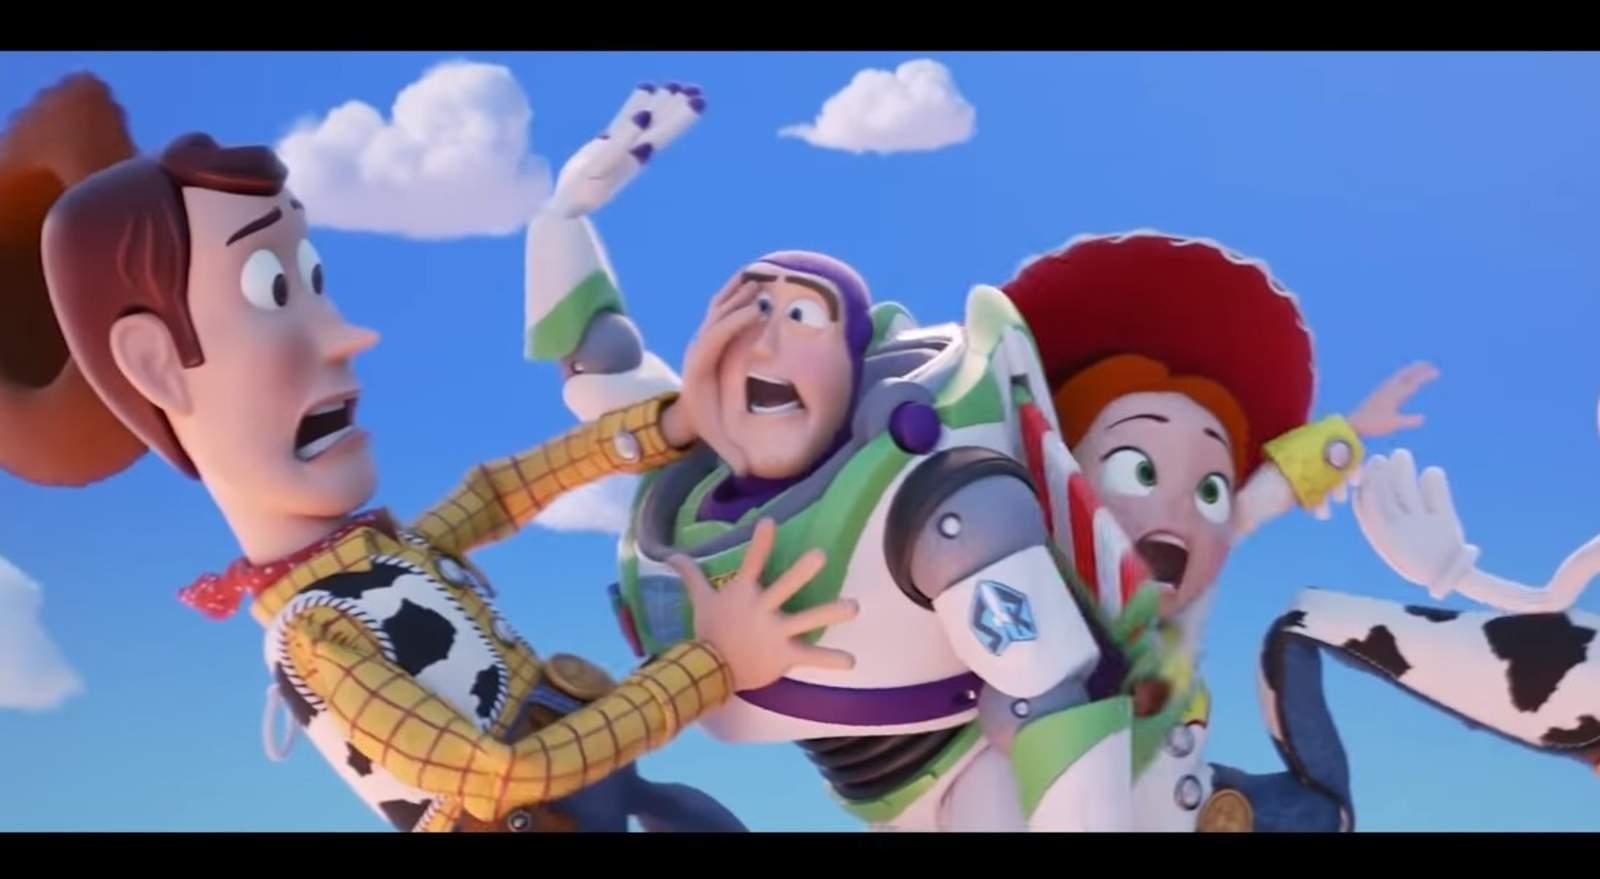 Adelanto de Toy Story 4 muestra un nuevo personaje